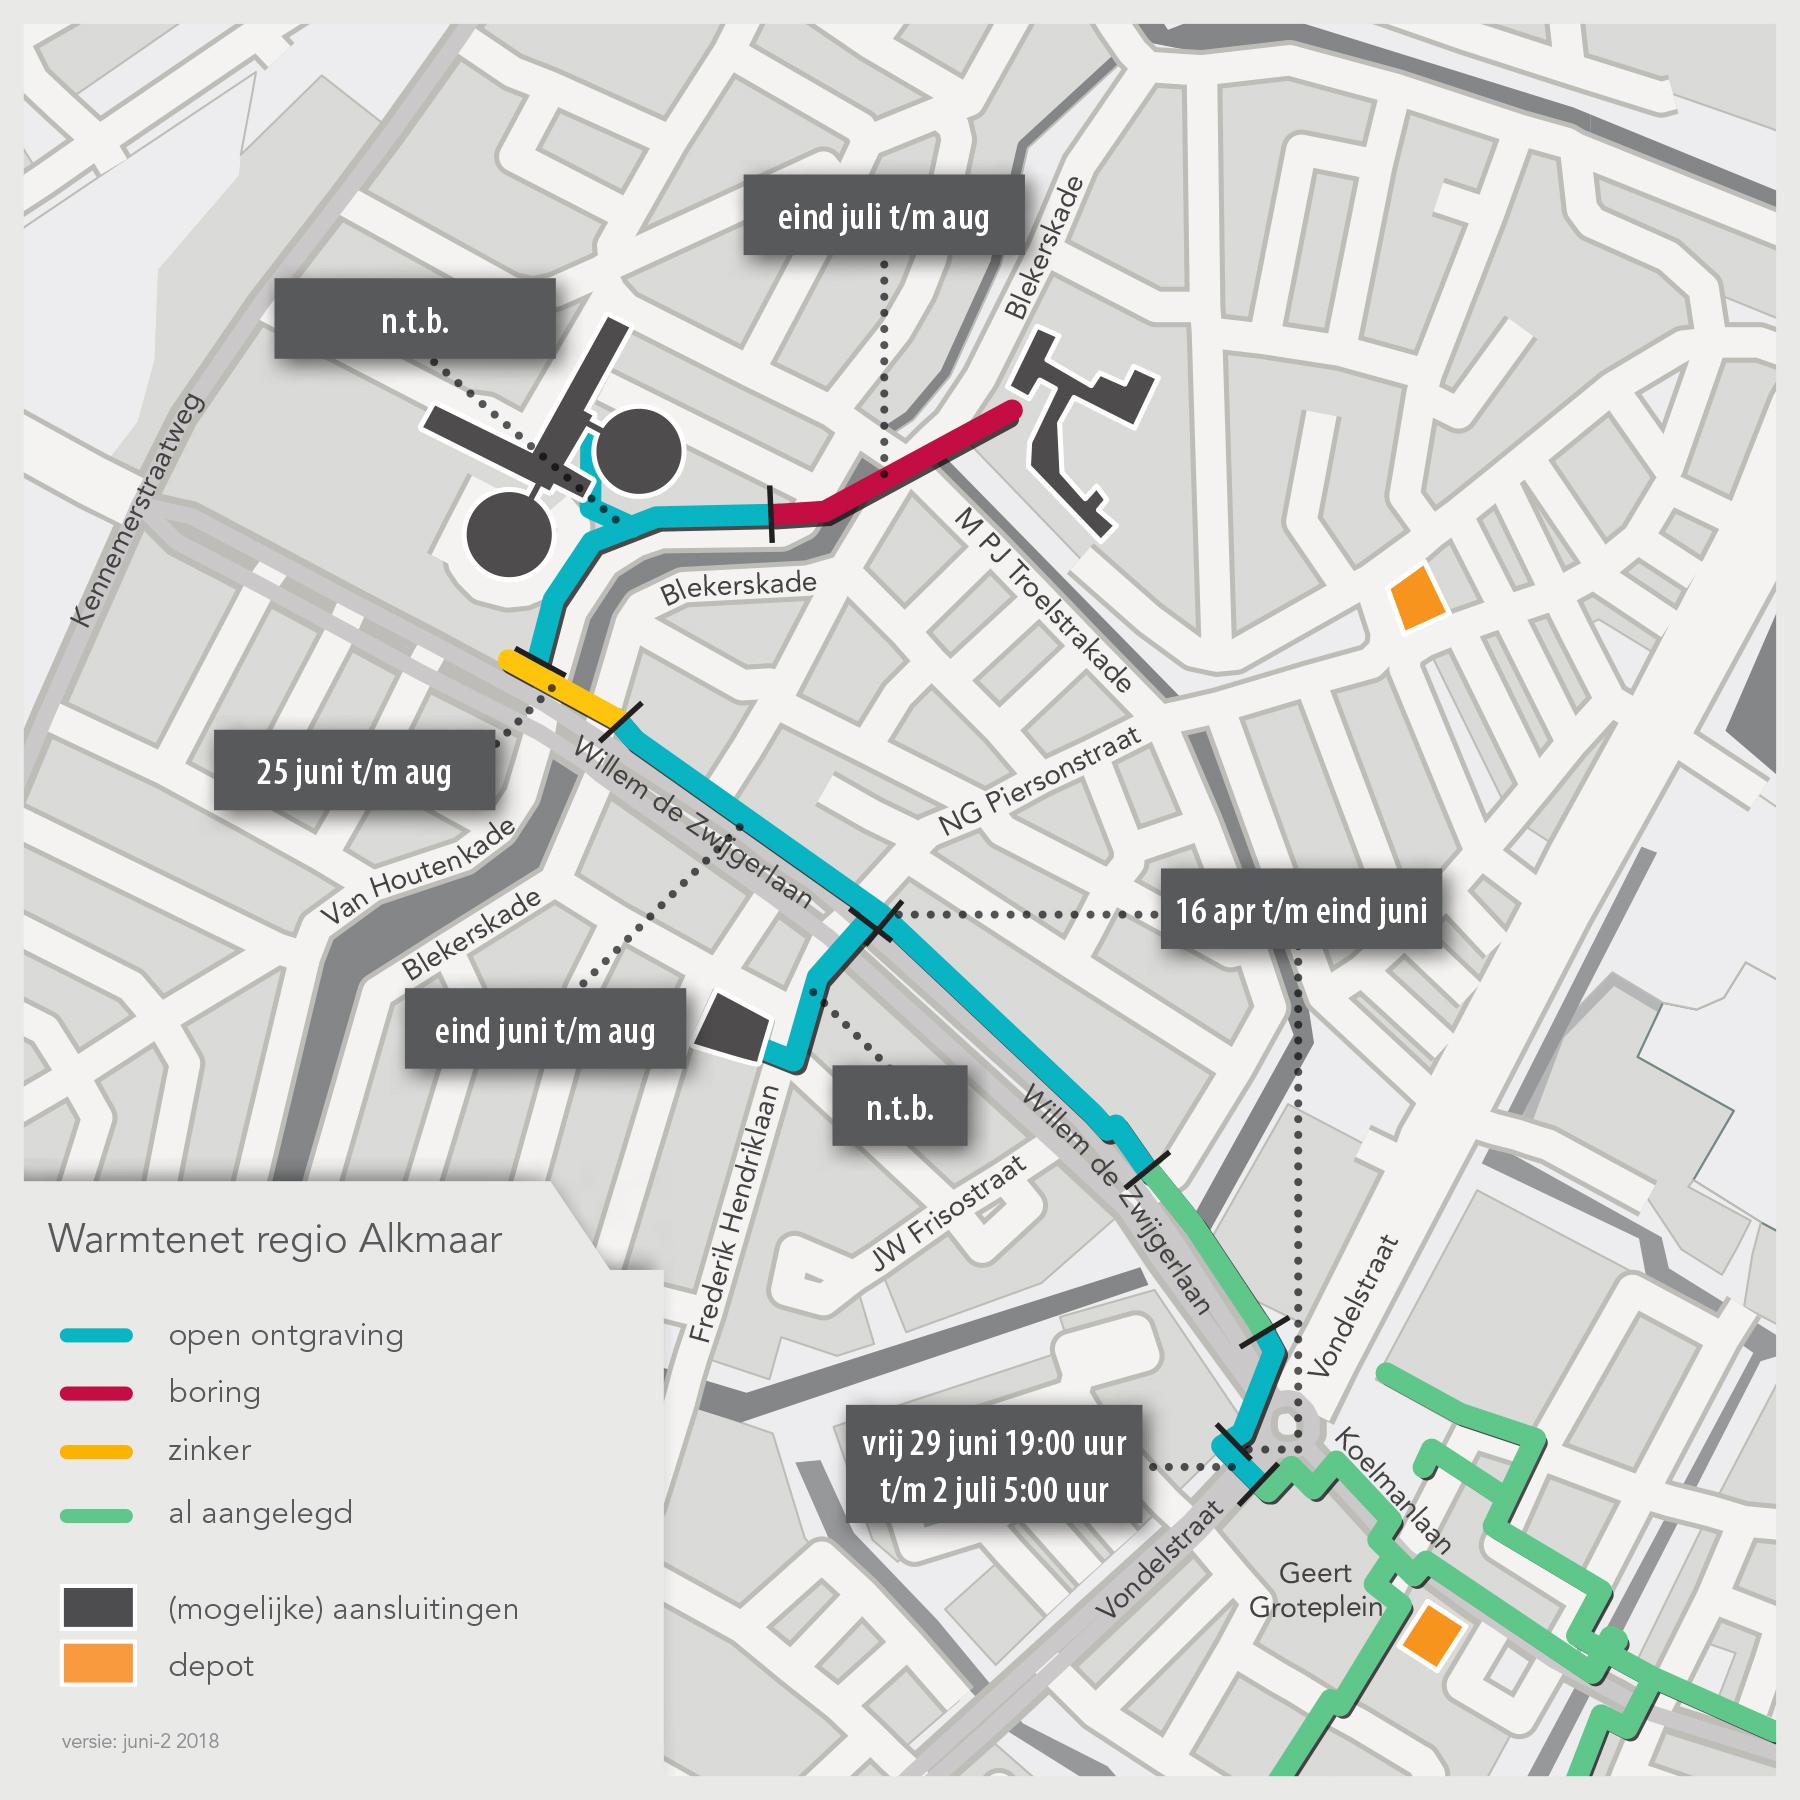 Detail met planning warmtenet Alkmaar